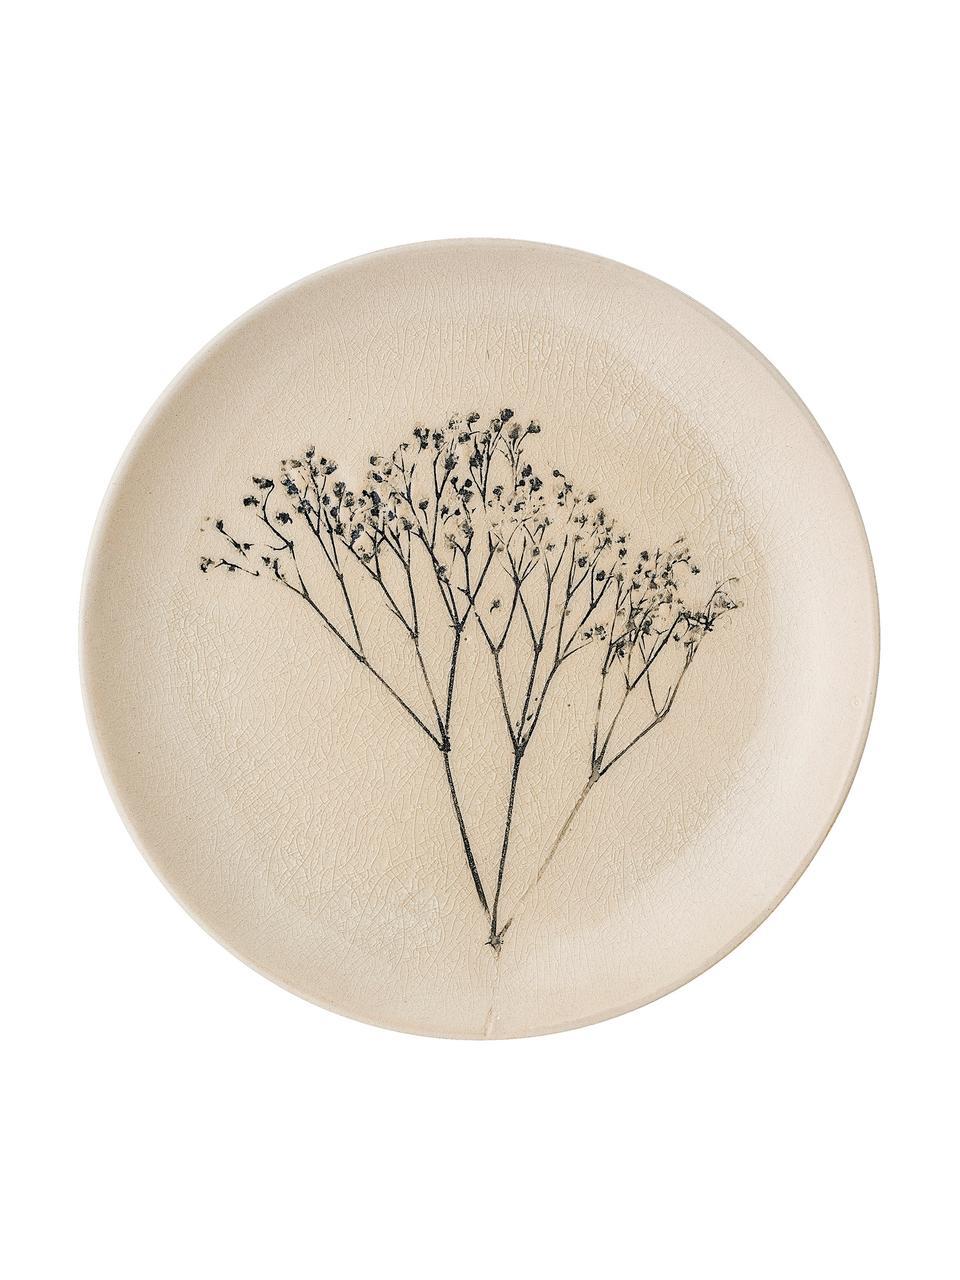 Handgemachter Frühstücksteller Bea mit Gräser-Motiv, Steingut, Beige, Mehrfarbig, Ø 22 cm